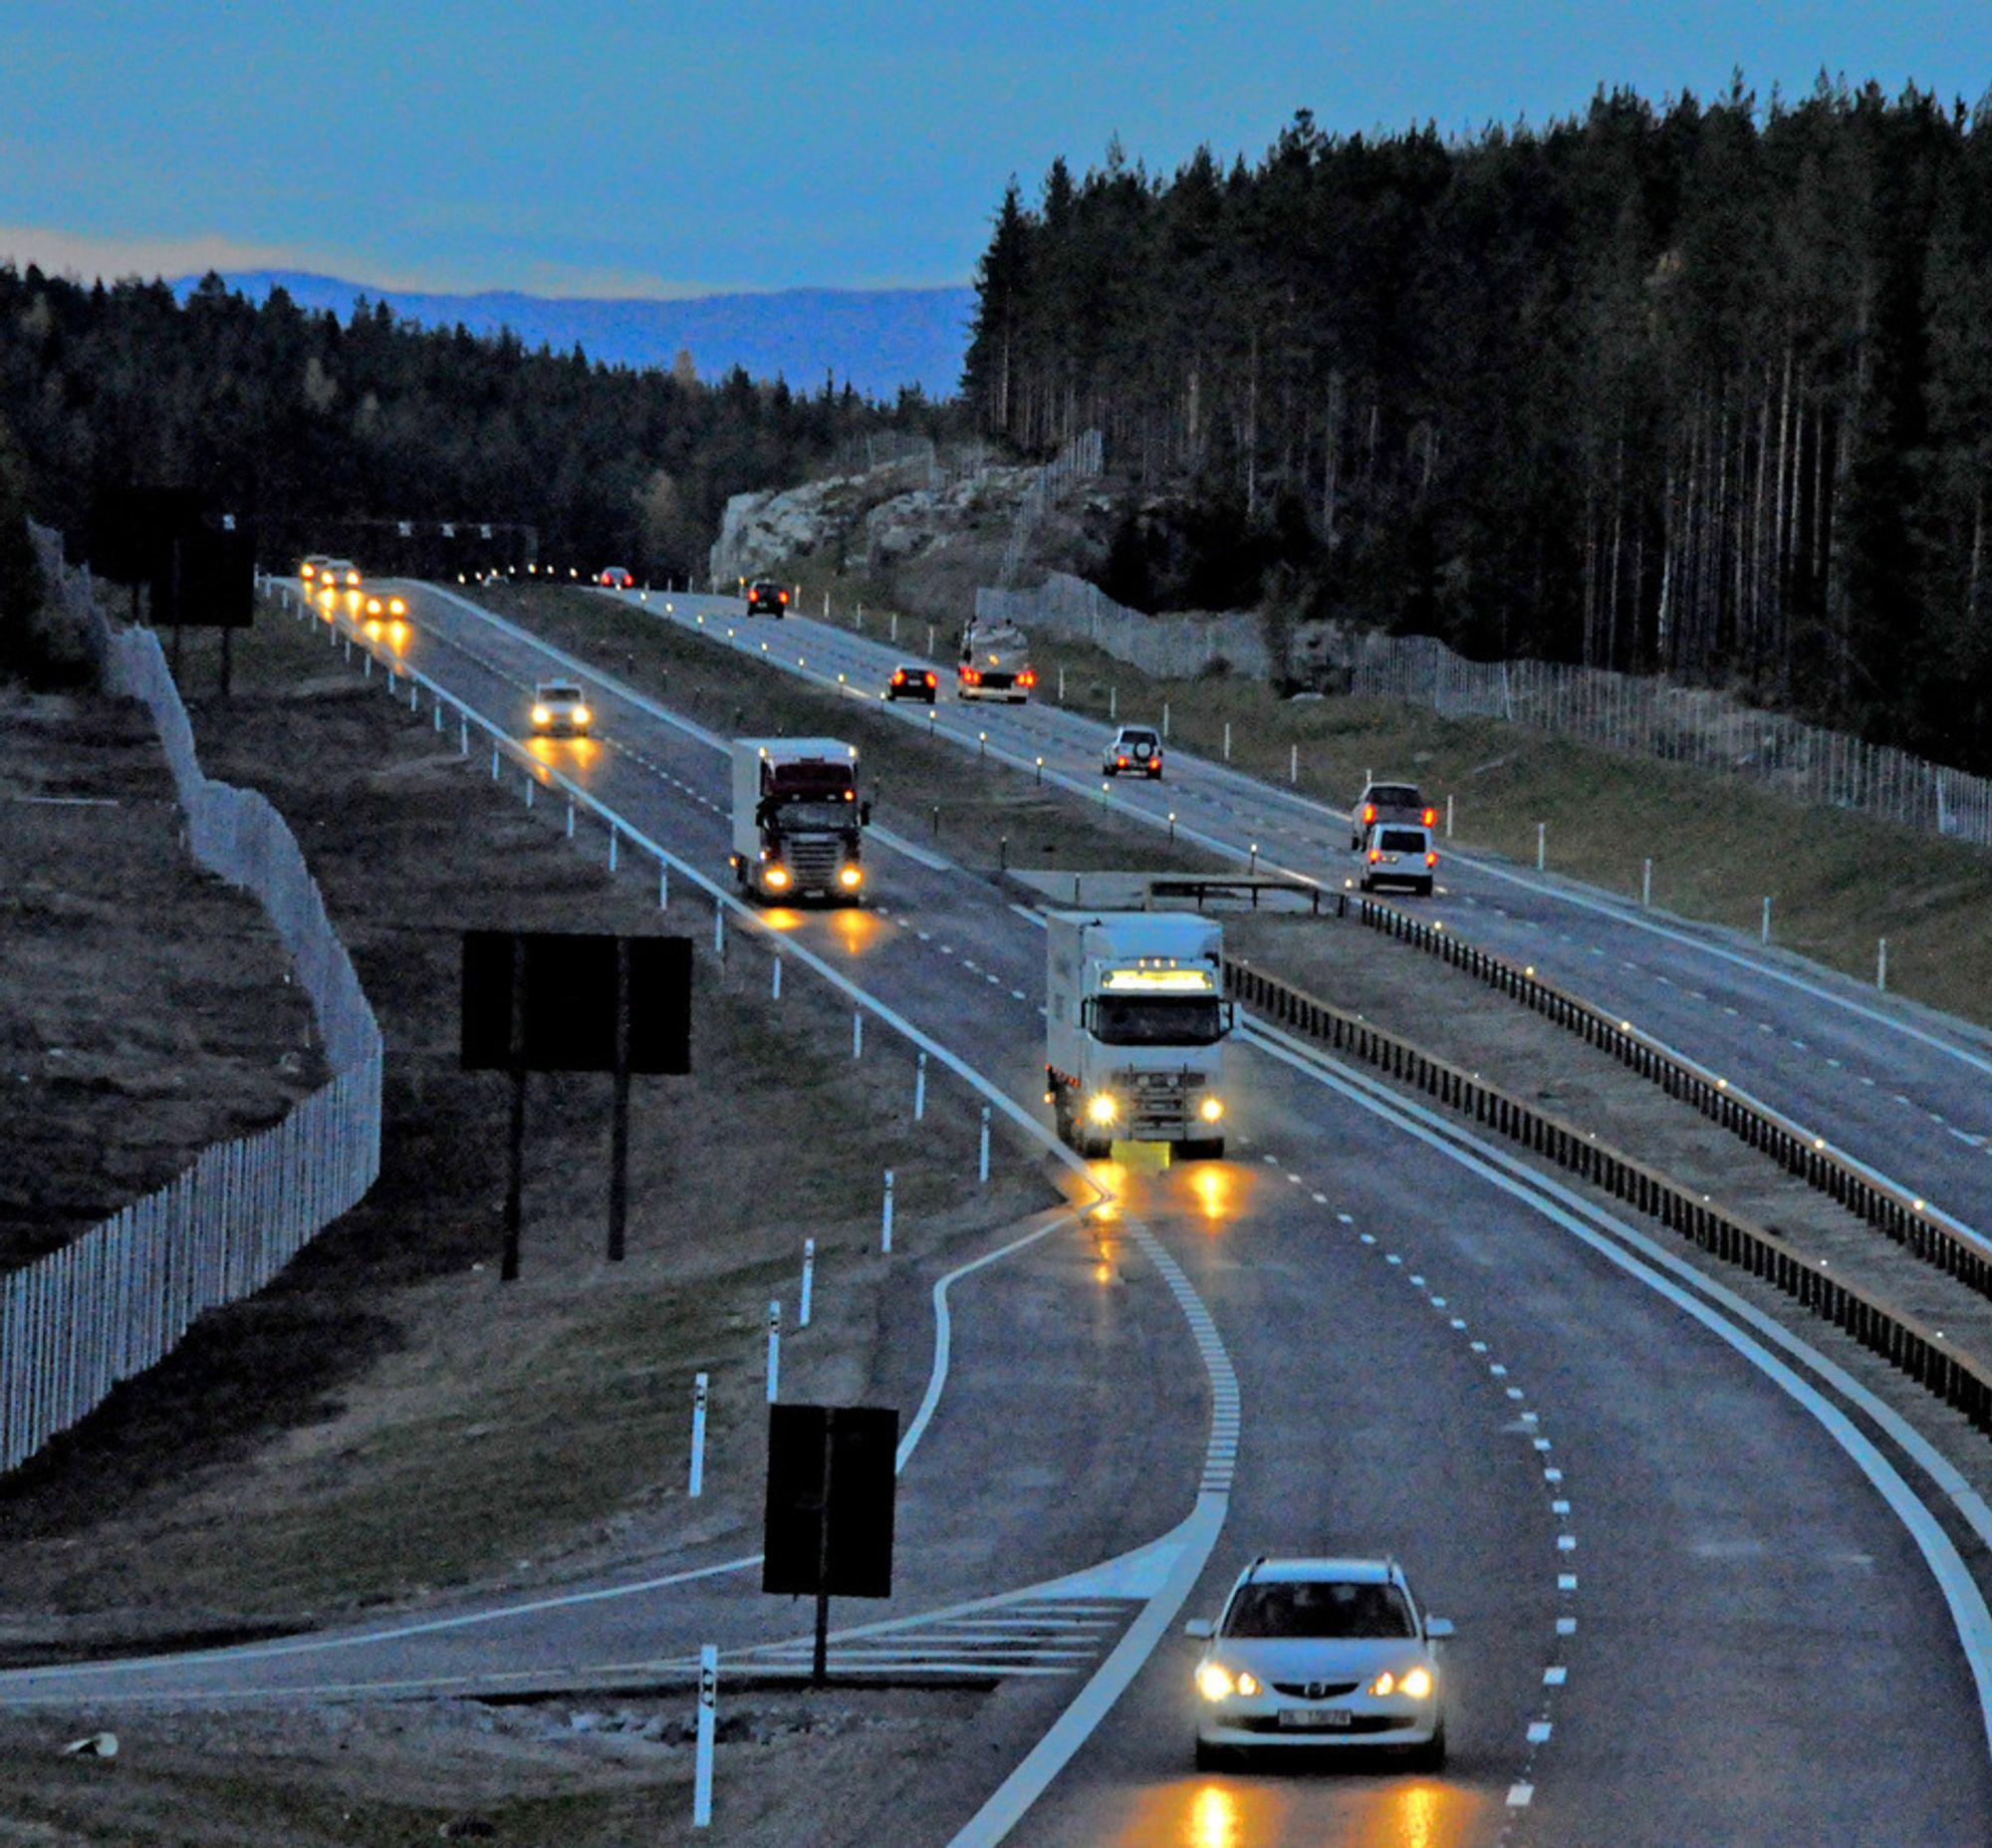 BEDRE VEIER: Innbyggerne i de fleste EU-landene ber myndighetene om å forbedre veiene. Dette bildet er fra nye E6 ved Kolomoen i Hedmark.